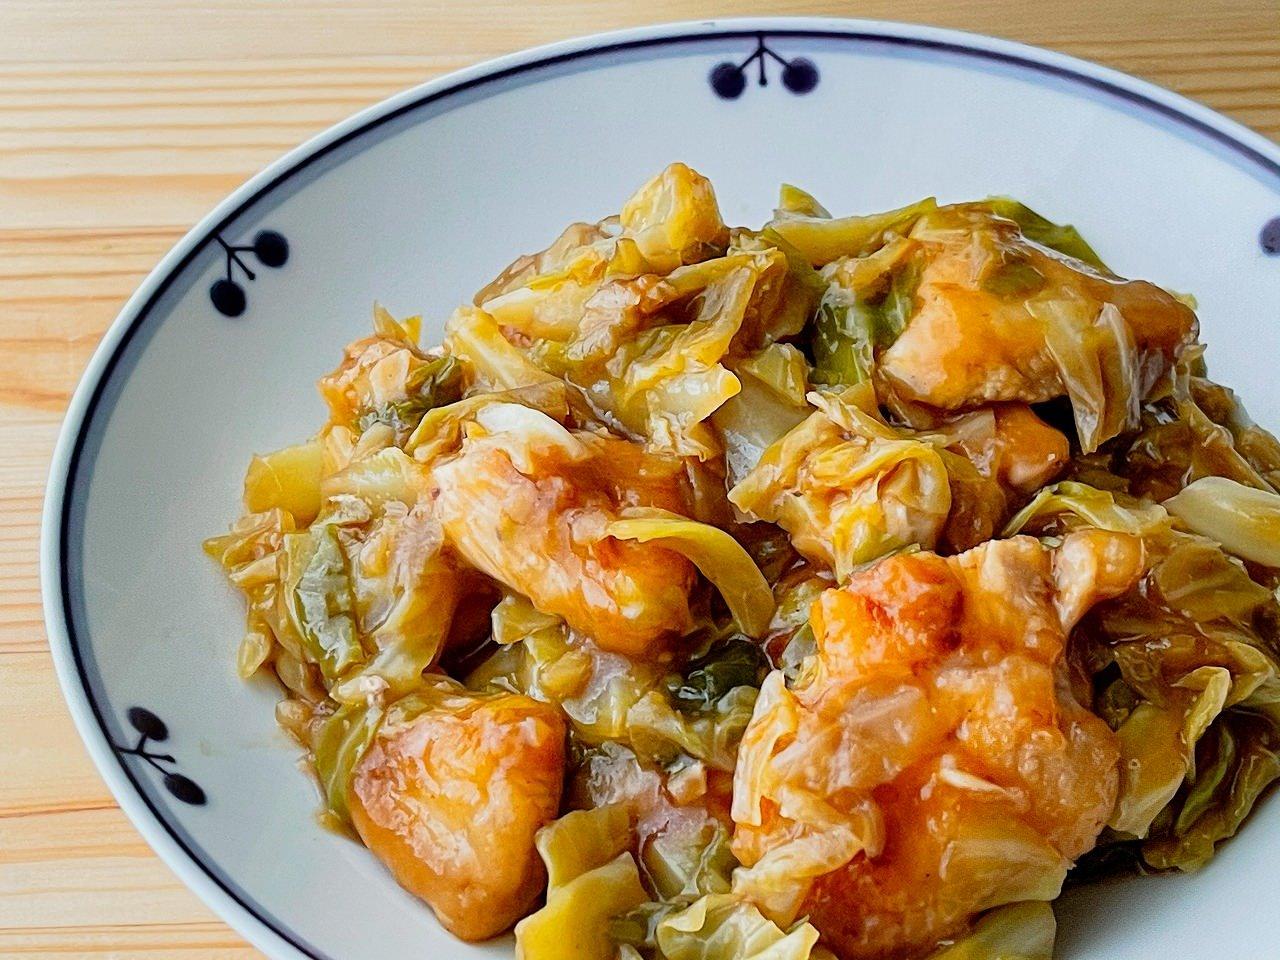 キャベツと鶏むね肉のオイスターソース炒め